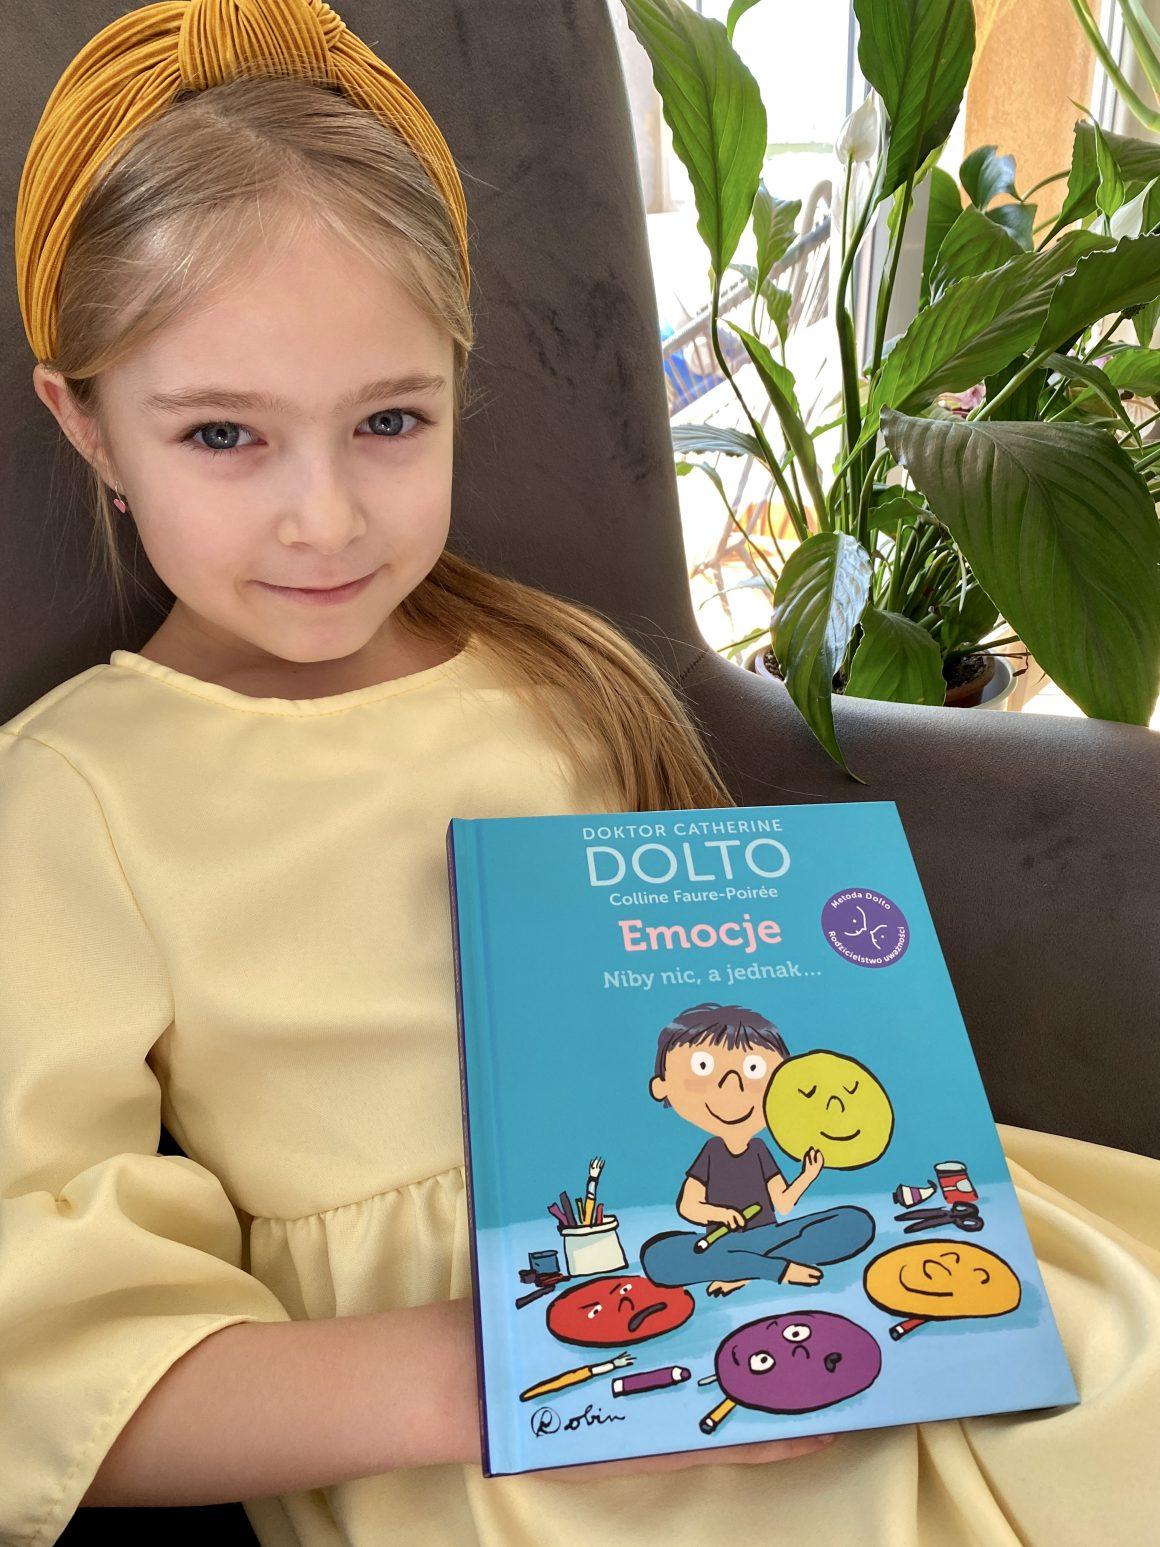 emocje niby nic a jednak recenzja, książka o emocjach dzieci, książki dla dzieci, mamagerka